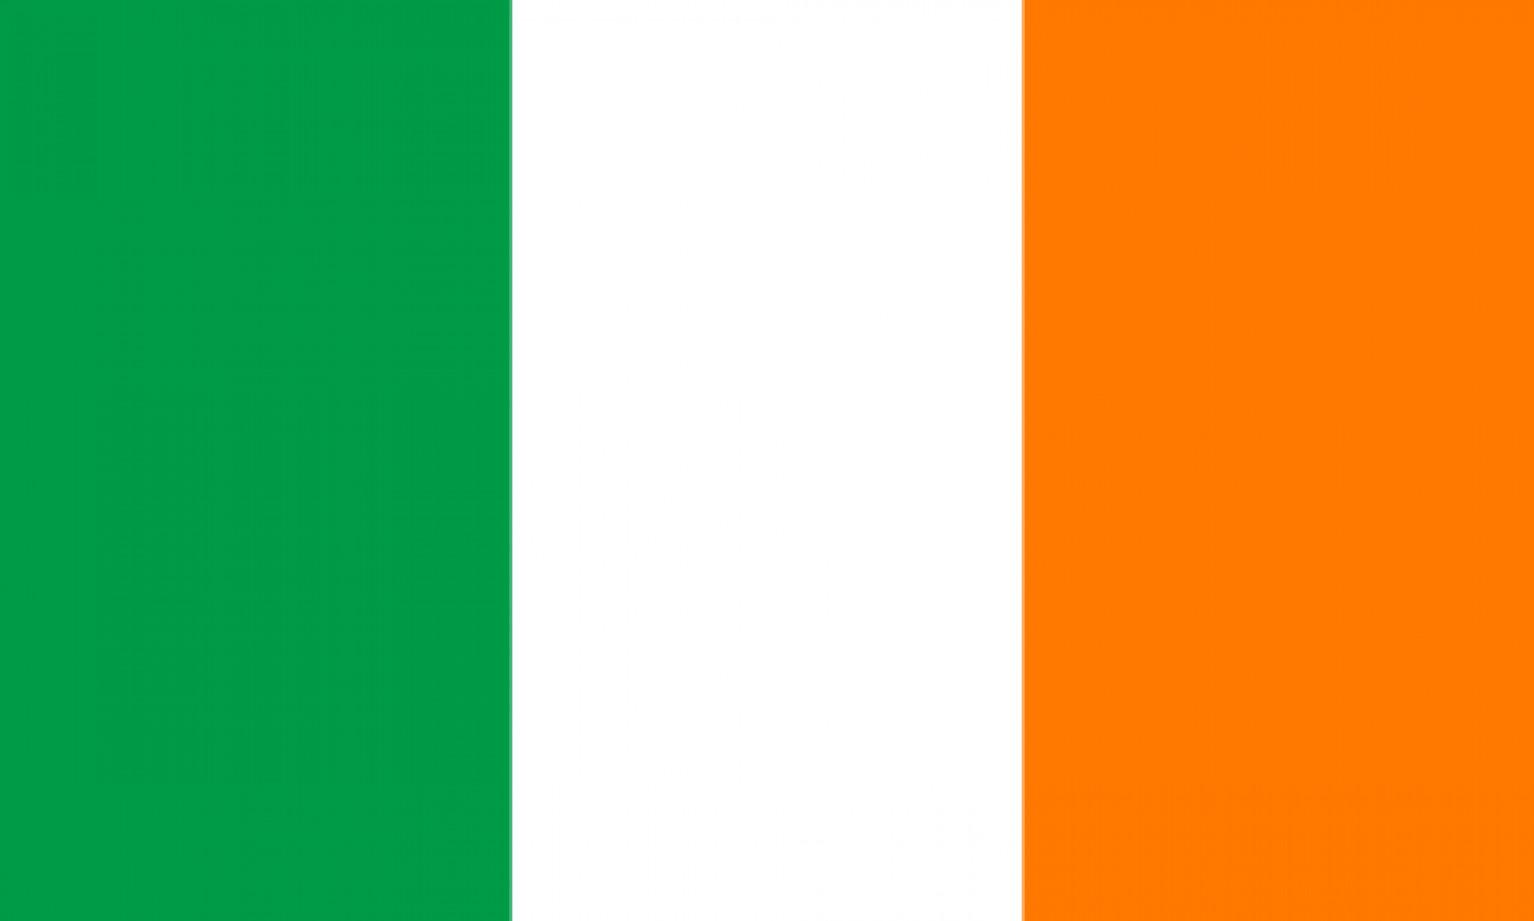 Irish Peer-to-Peer Lending platforms and market